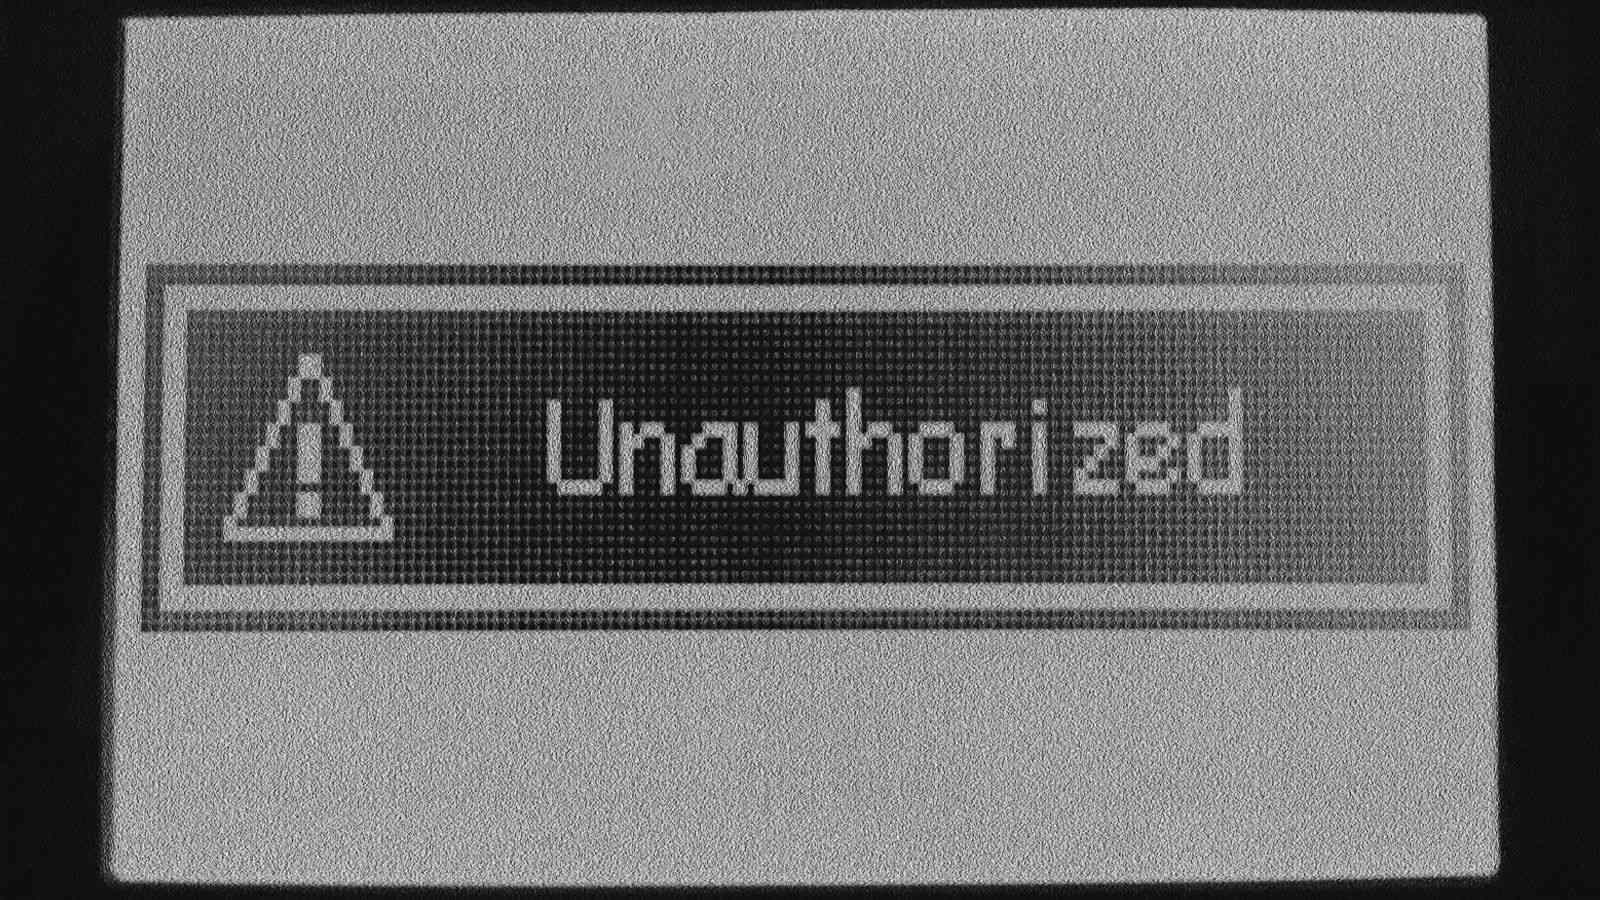 Unauthorized: как сбросить ошибку в POS-терминалах Ingenico